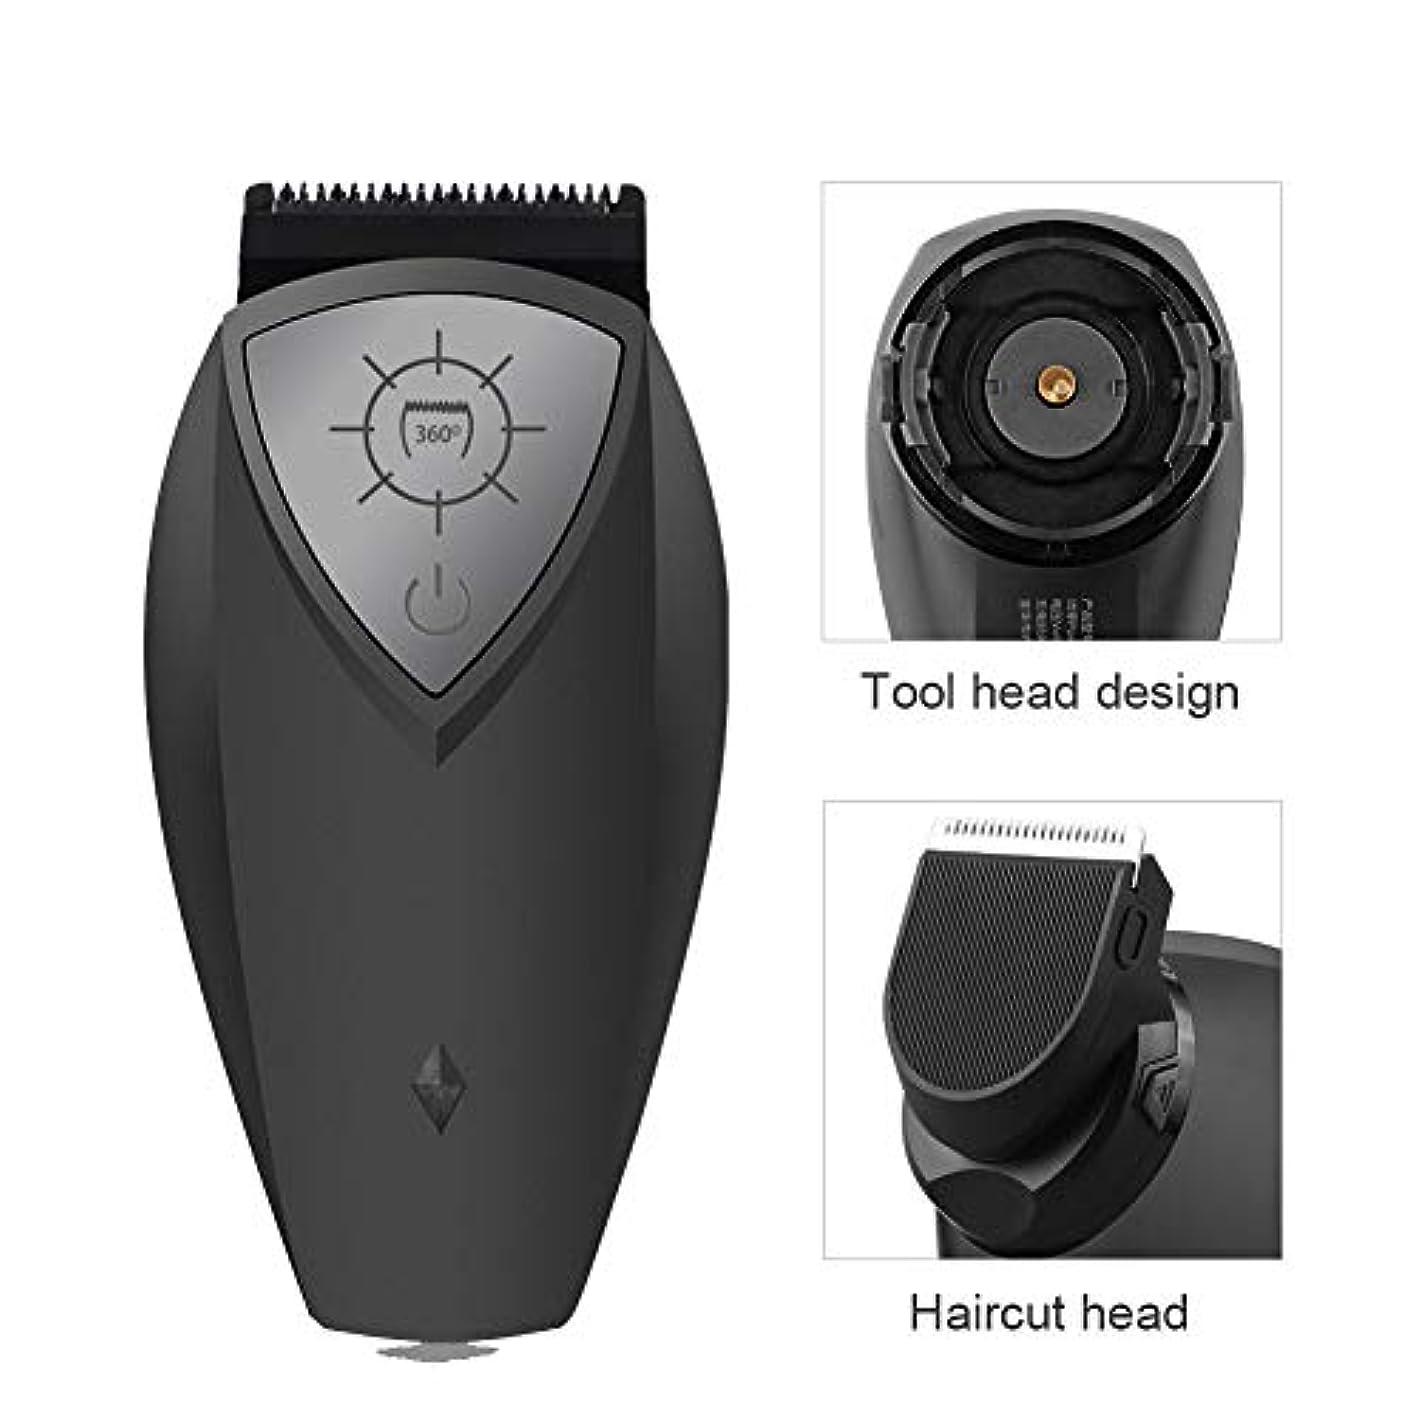 電気の細胞スノーケル男性用USB充電式シェーバーカミソリ、360度ロータリー充電式男性電気シェーバー本体ひげ毛トリマーカミソリ